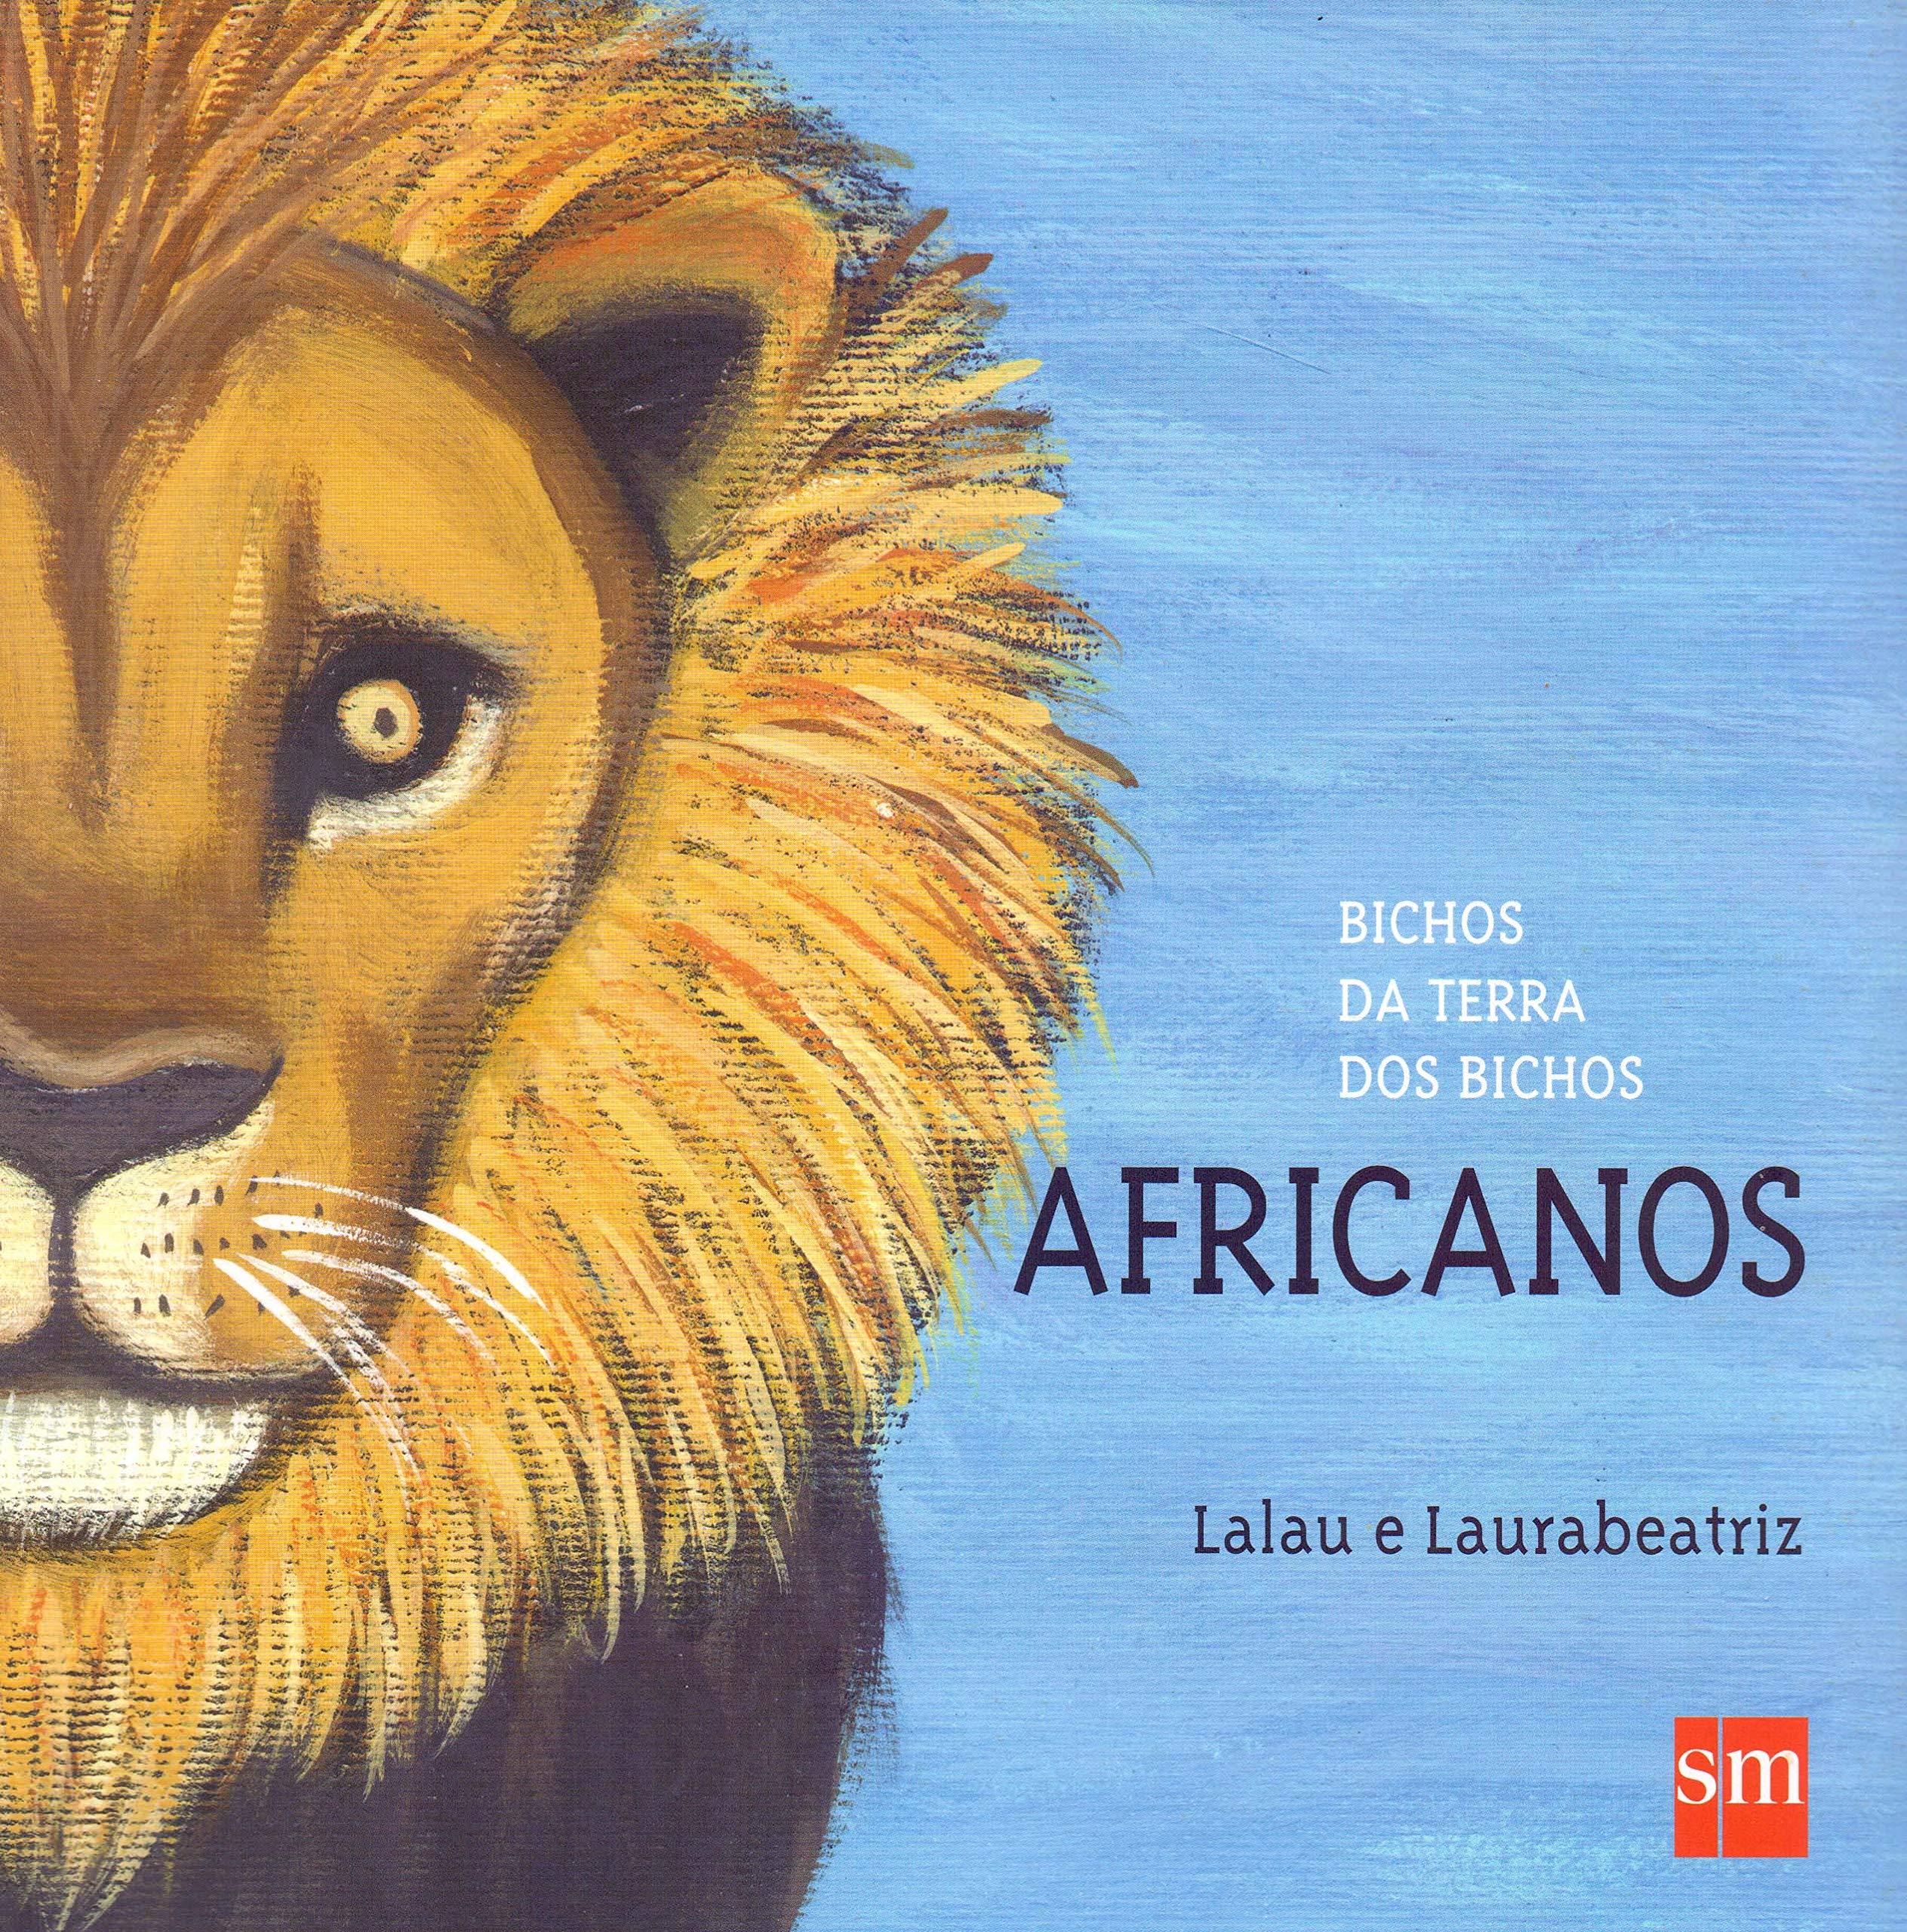 Ilustração de um leão com o texto